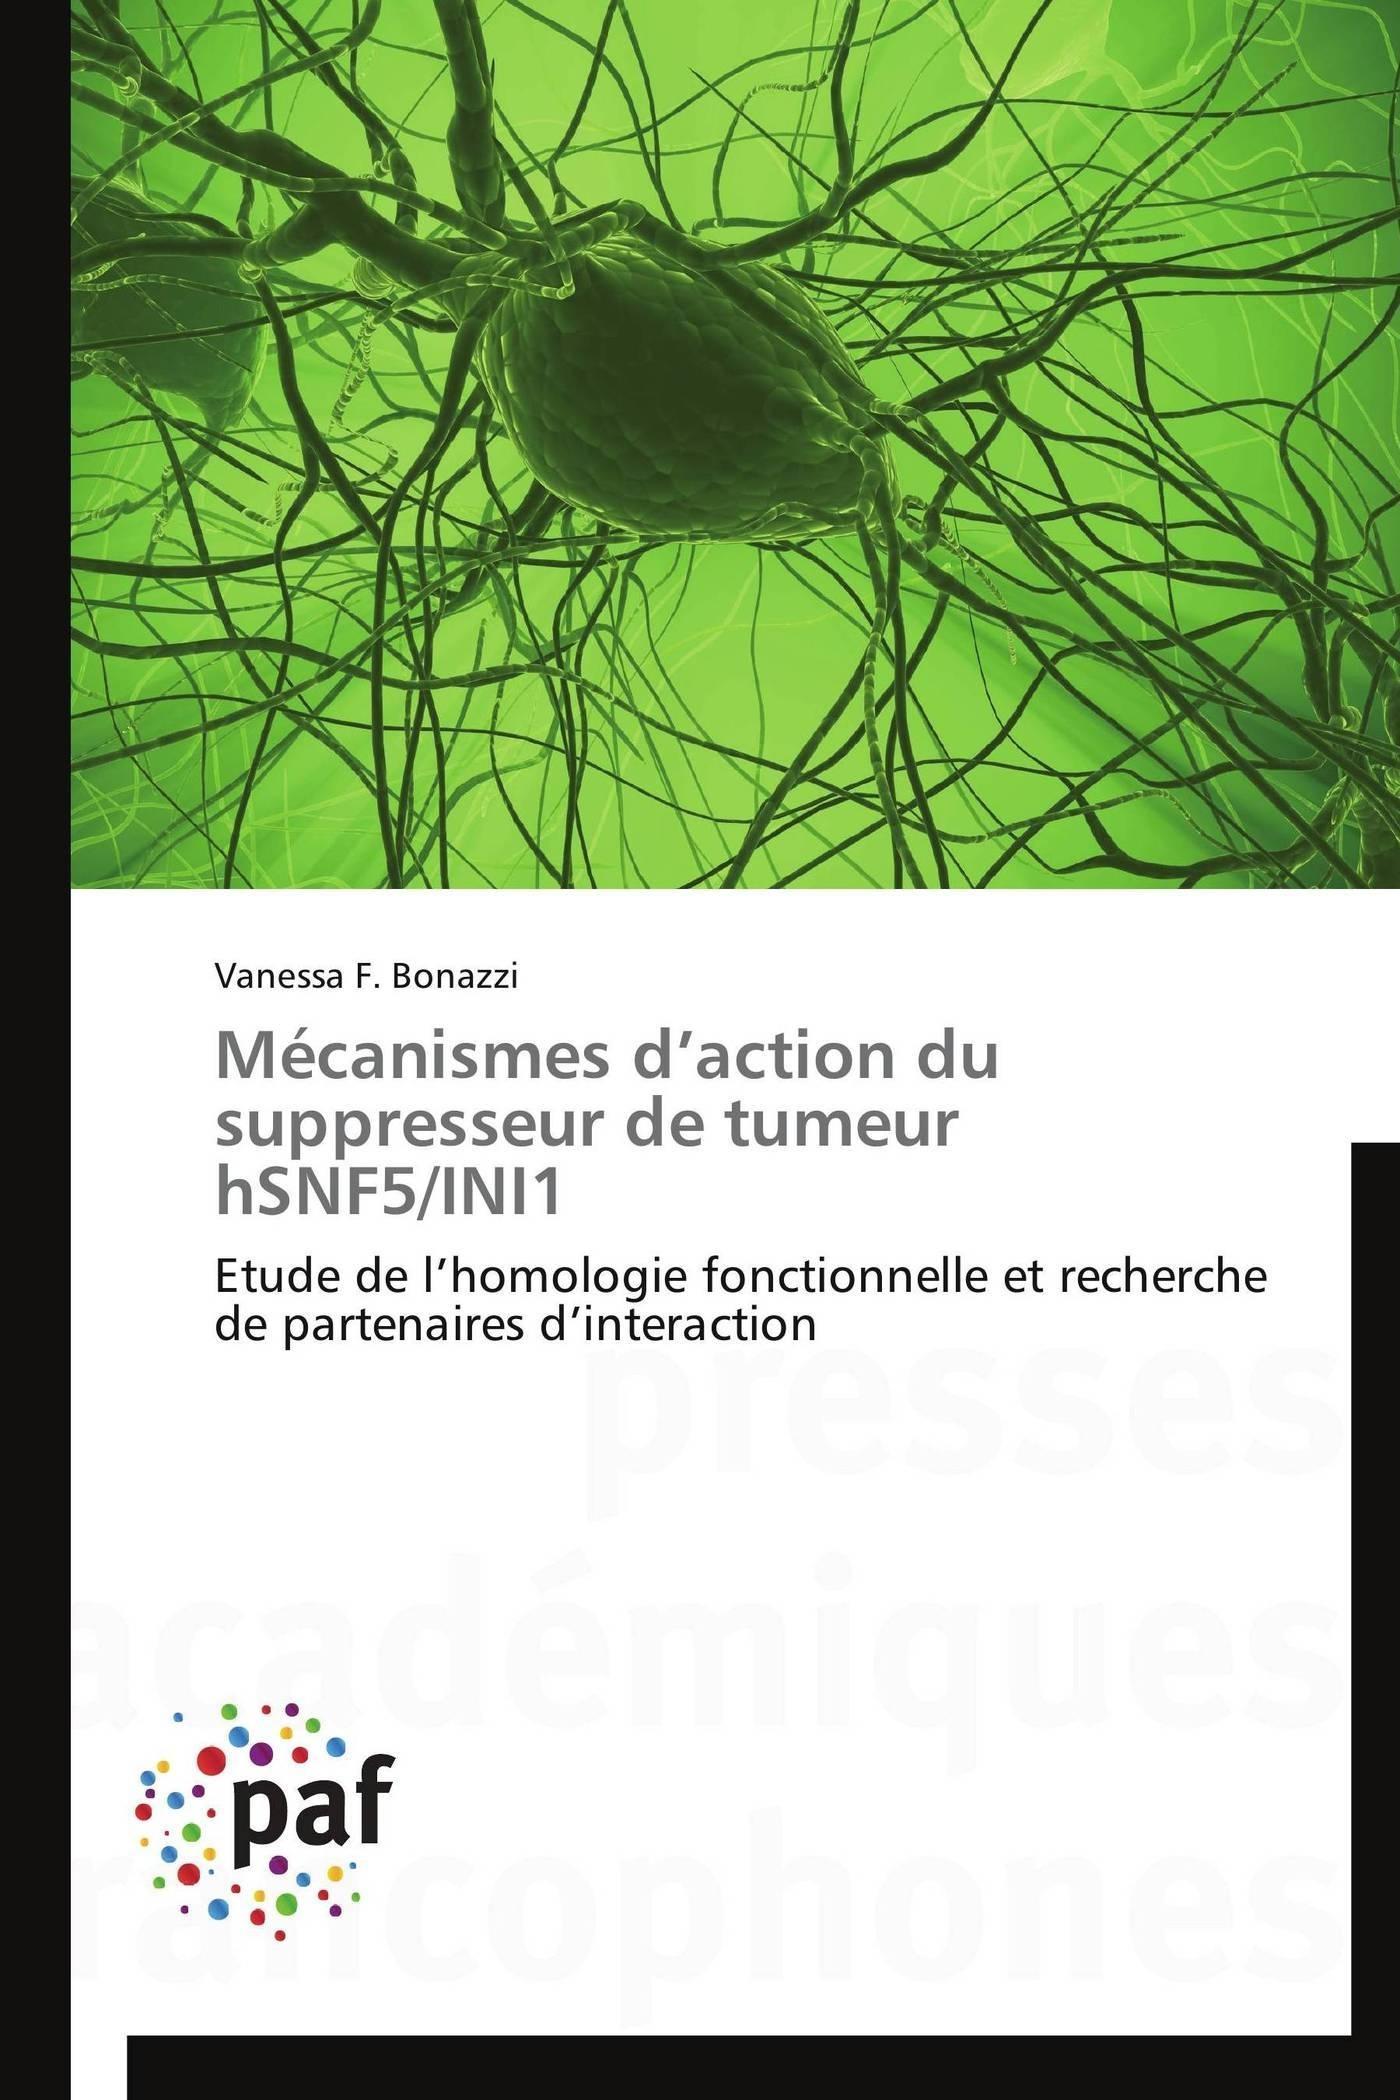 MECANISMES D ACTION DU SUPPRESSEUR DE TUMEUR HSNF5/INI1